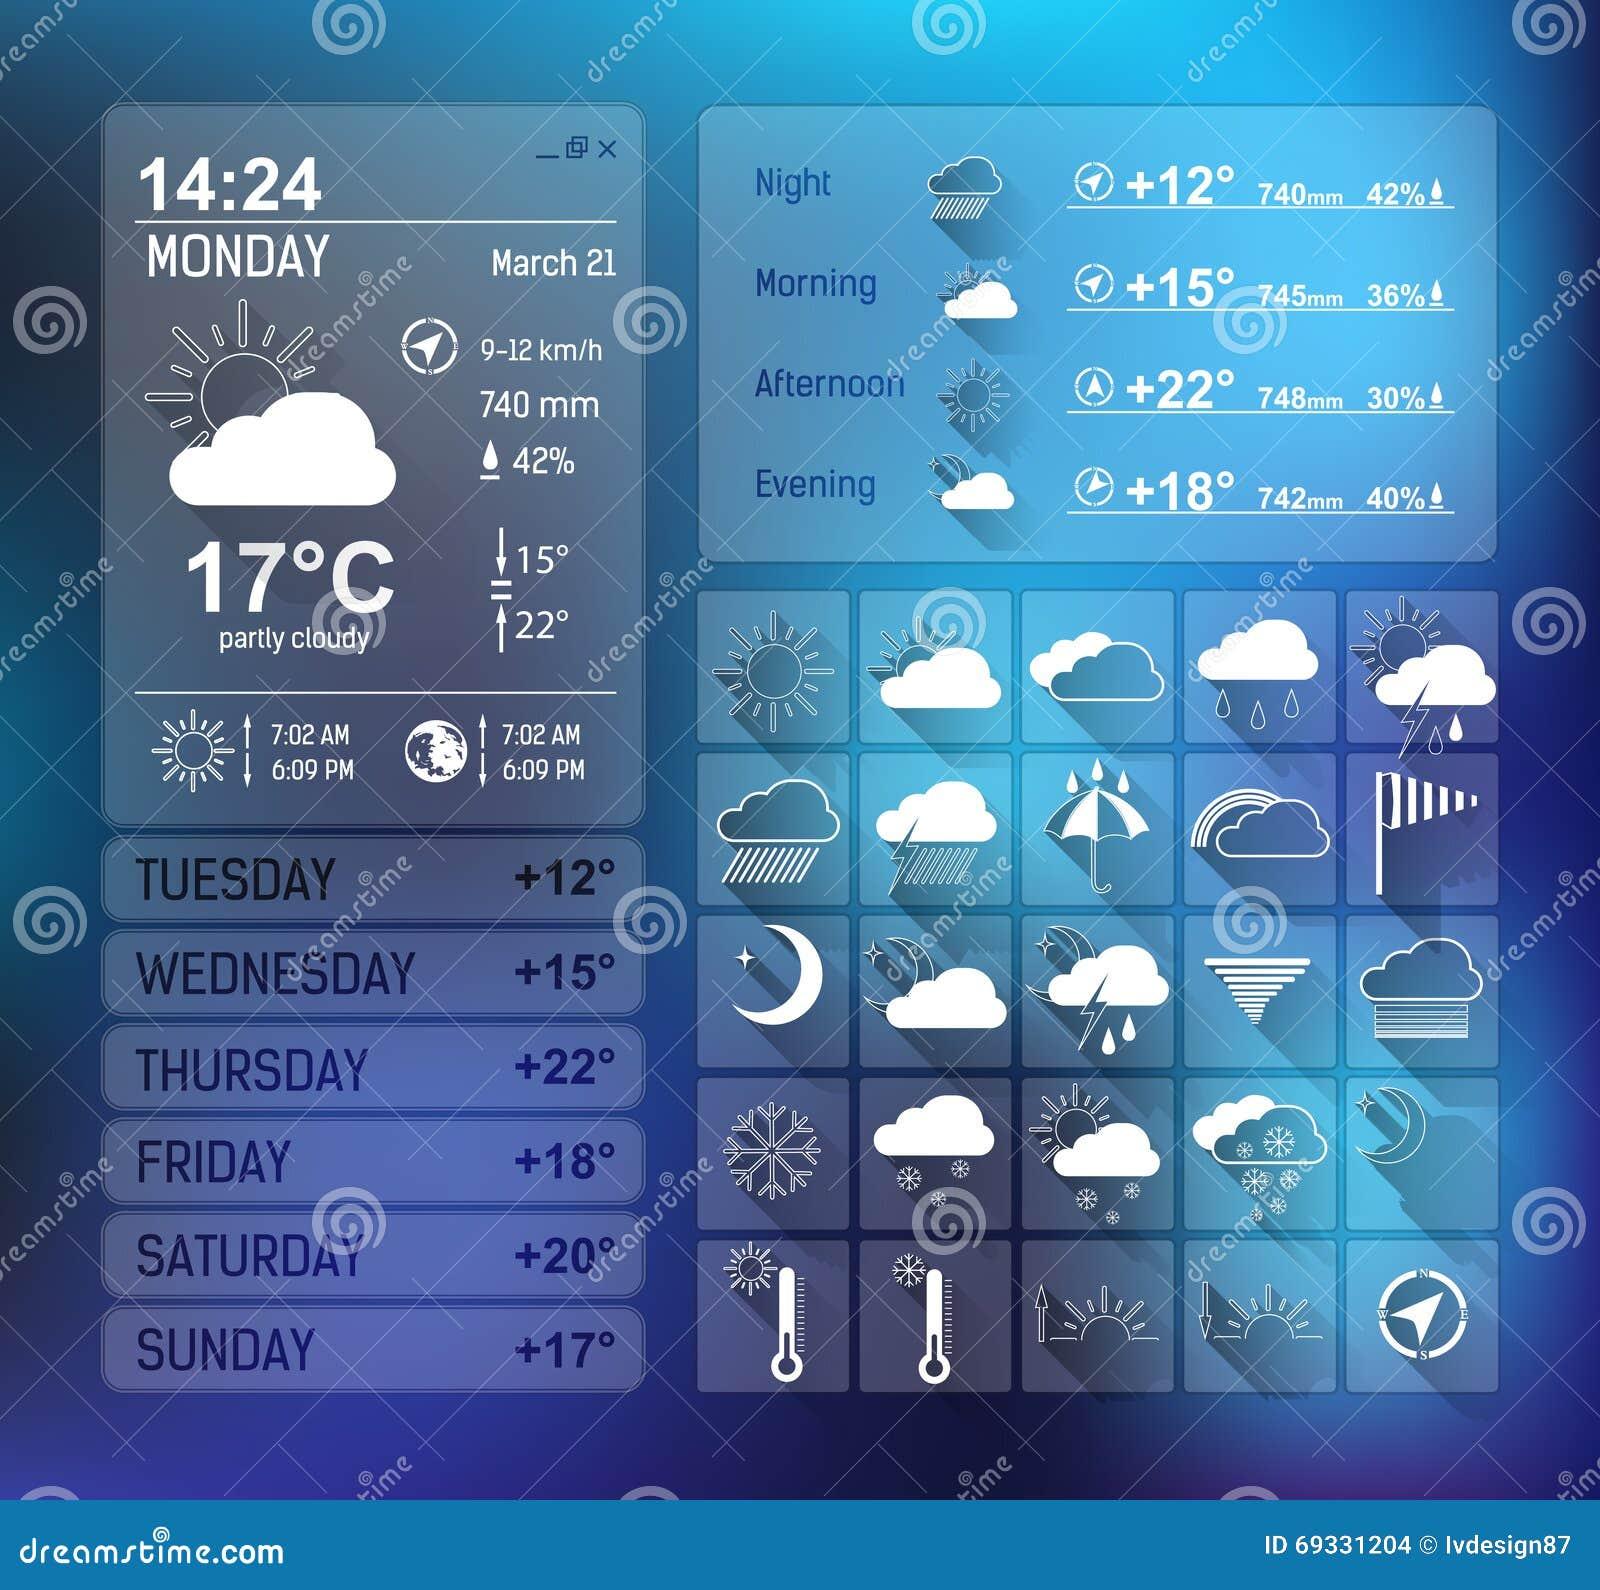 widget everest weather background